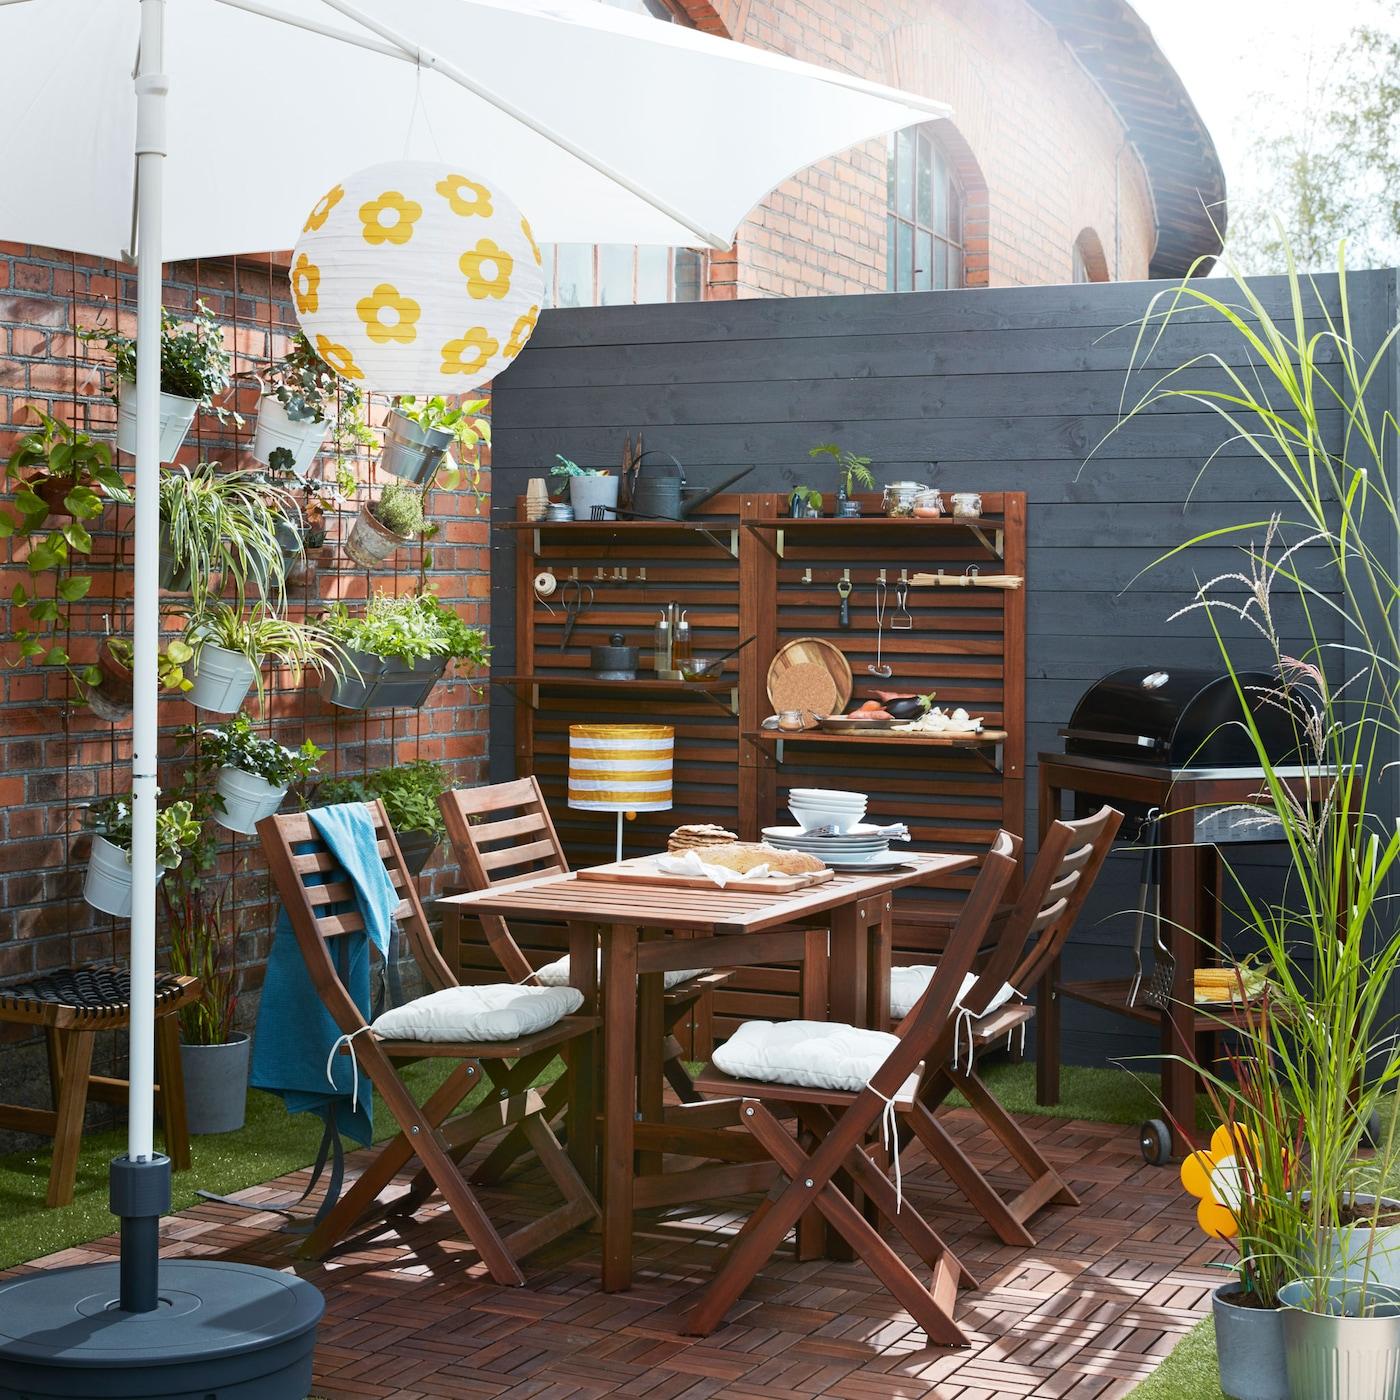 Gemütliche Garten-Oase mit dunkelbraunem Gartentisch, 4 Stühlen, Kohlegrill, Regal & Pflanzen